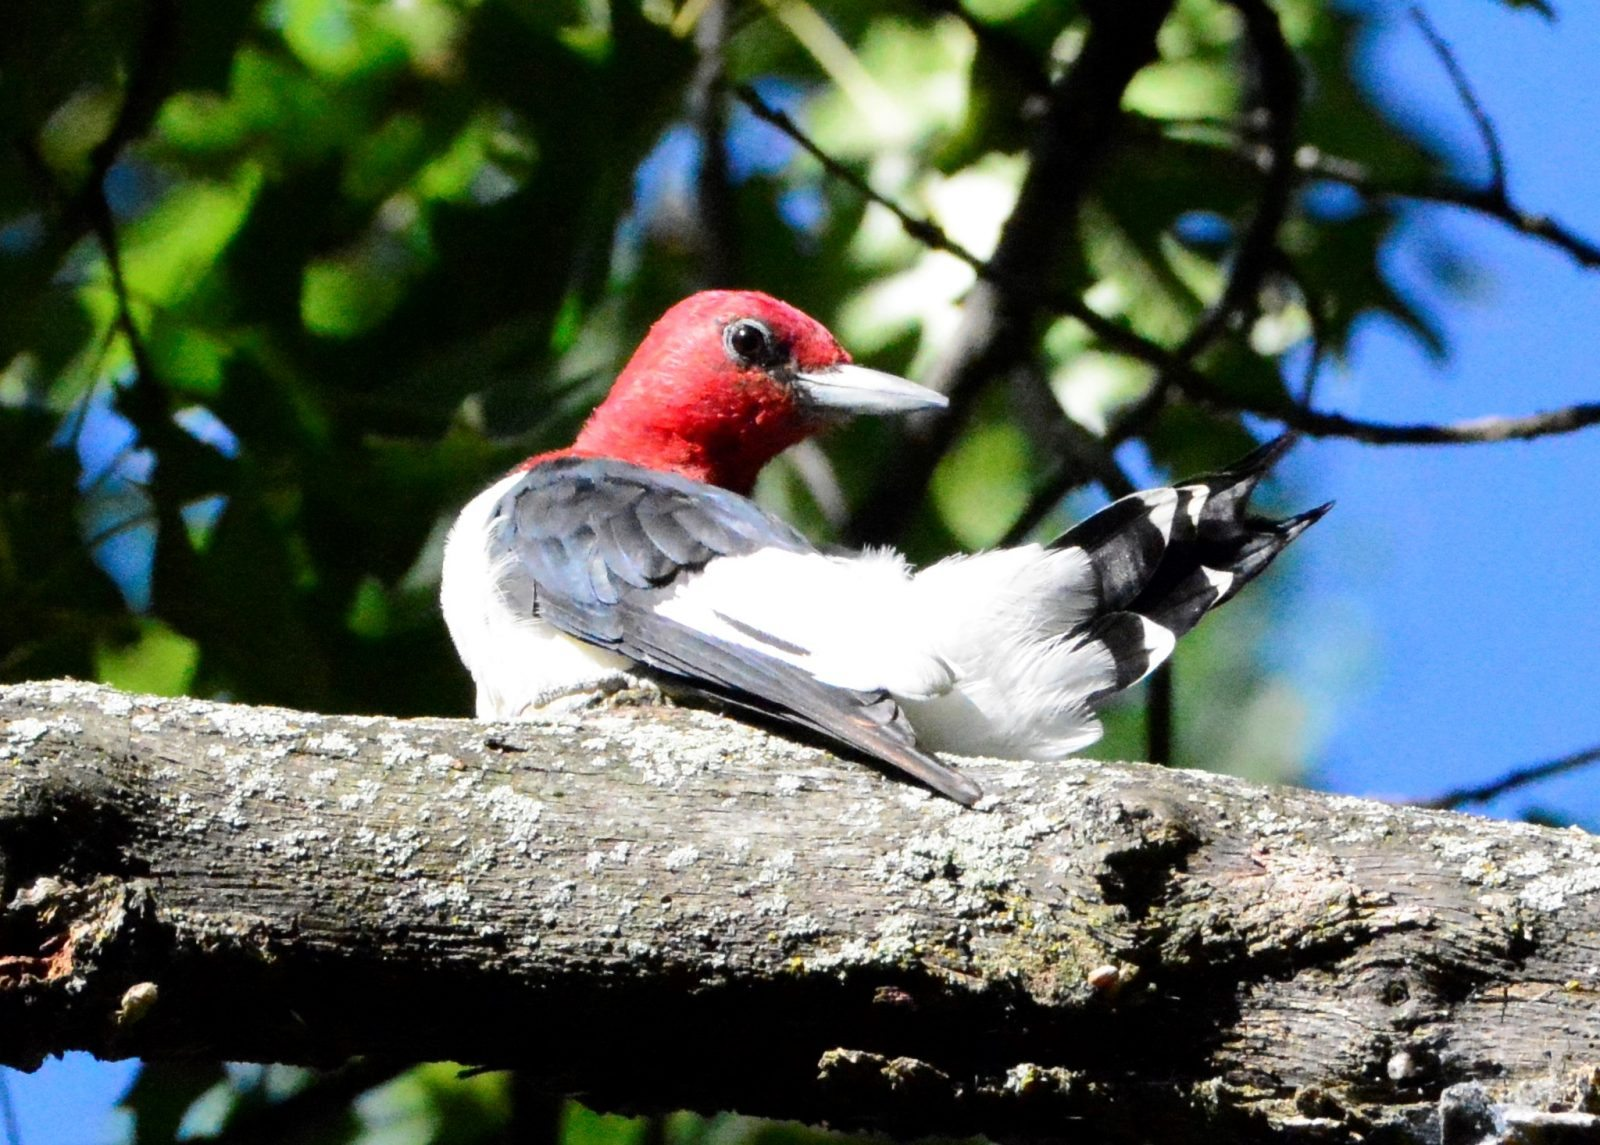 Red-headed Woodpecker by Sheri Merritt